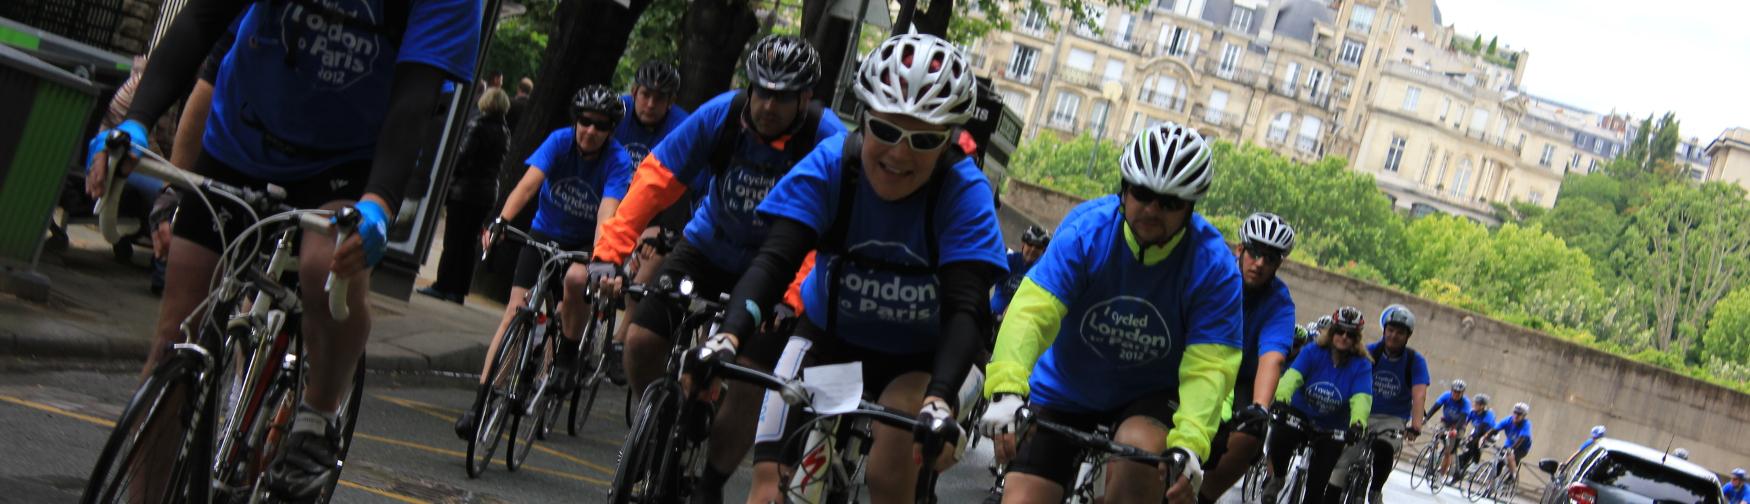 London to Paris group